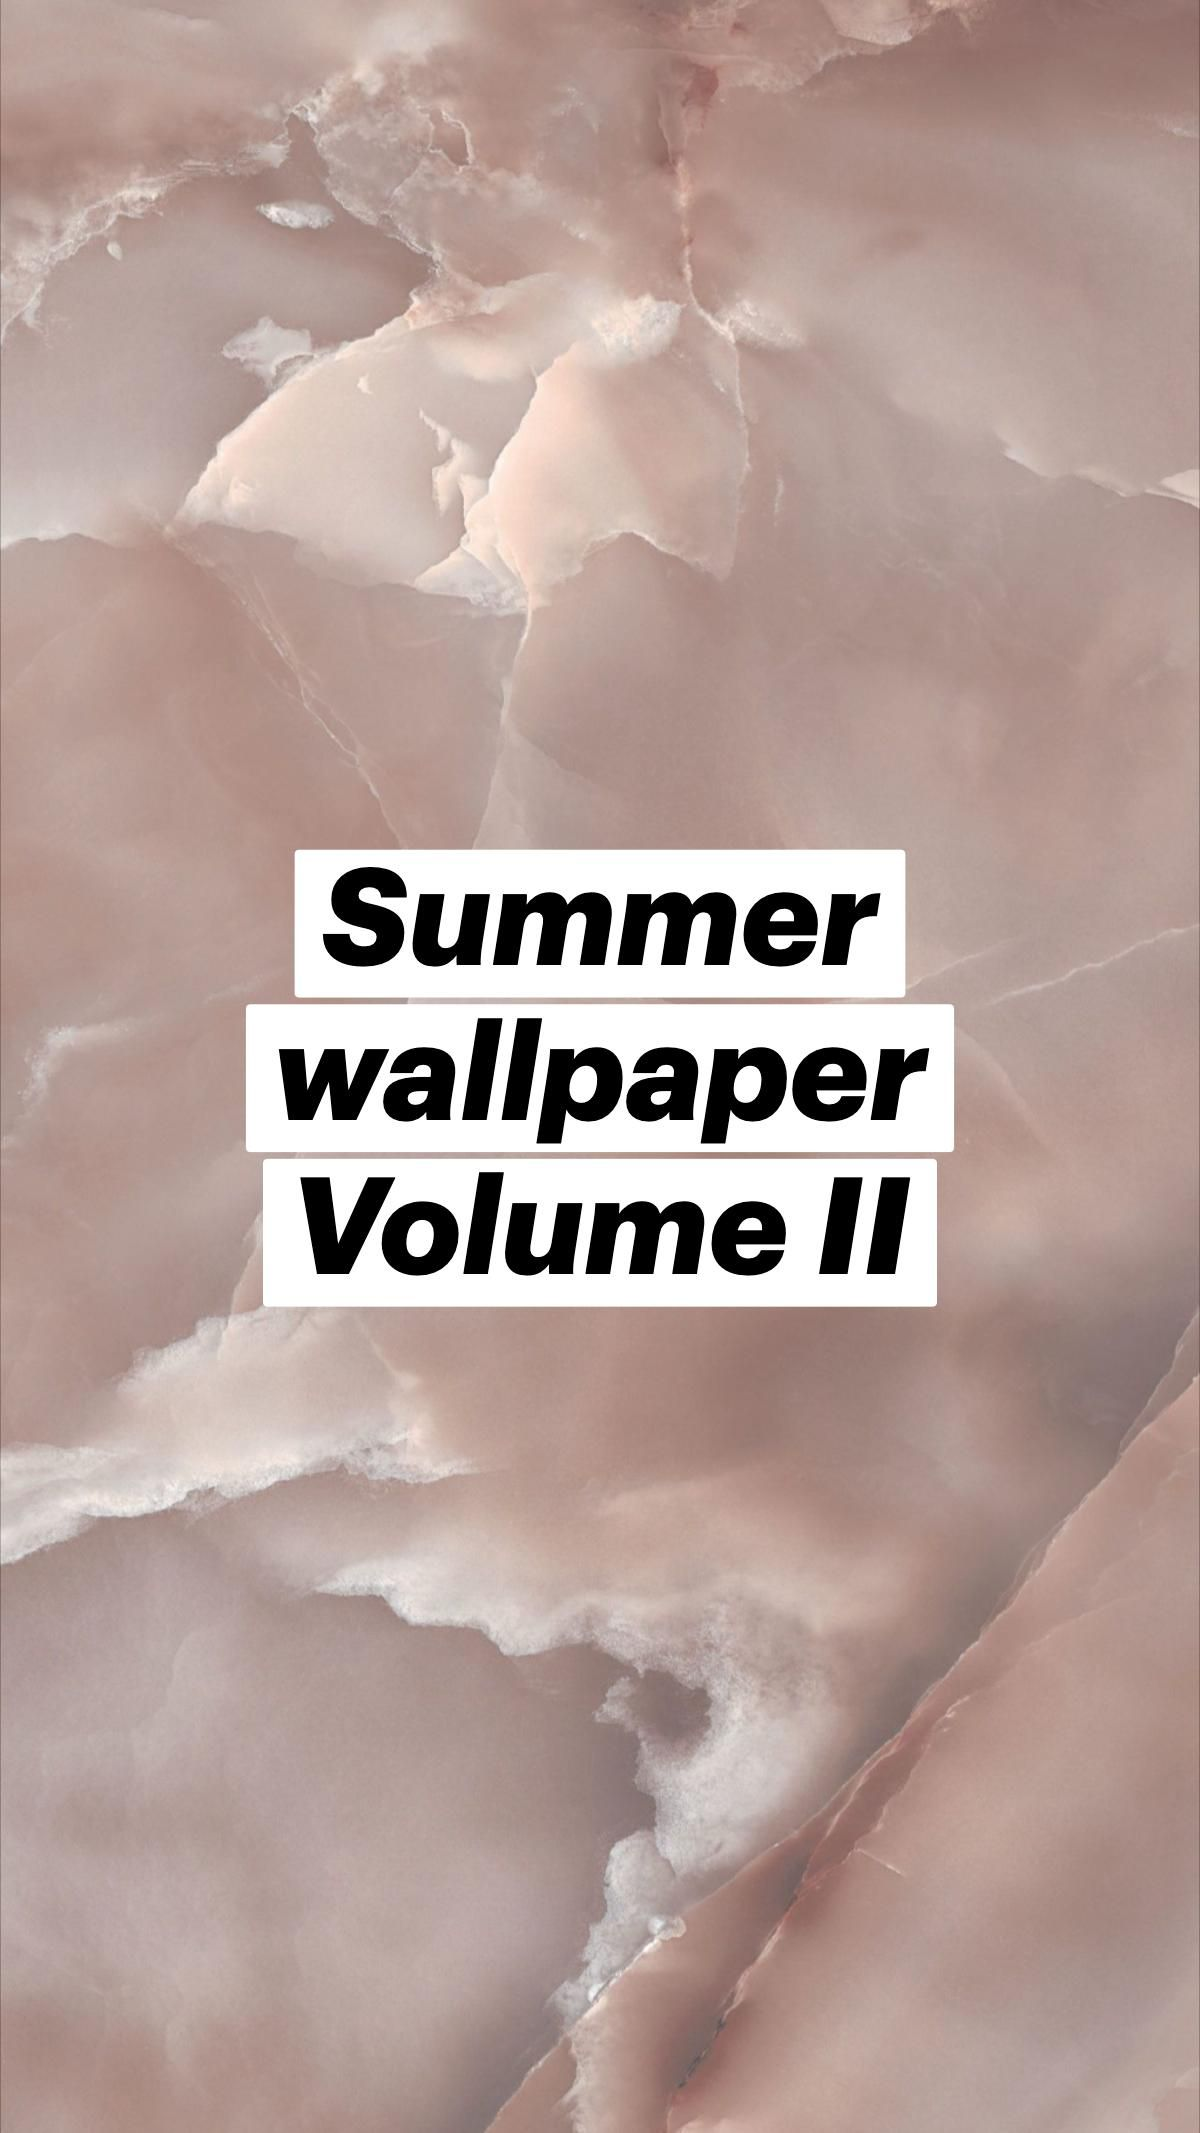 Summer wallpaper Volume II